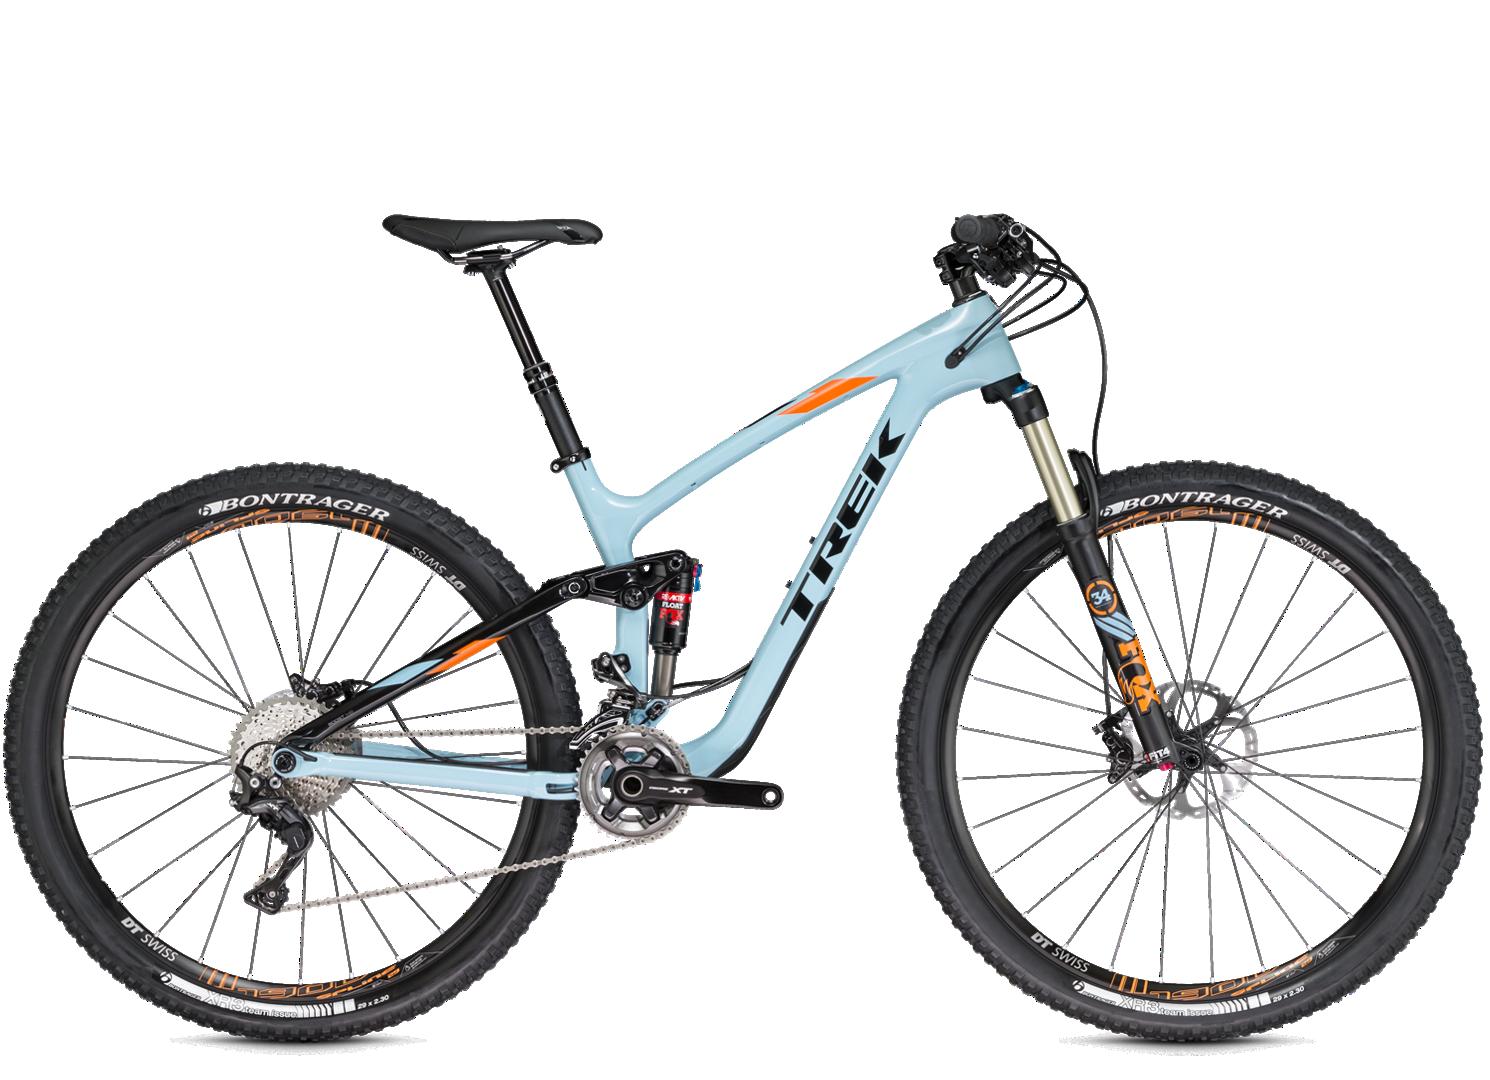 150d5a808c7 2016 Fuel EX 9.8 29 - Bike Archive - Trek Bicycle